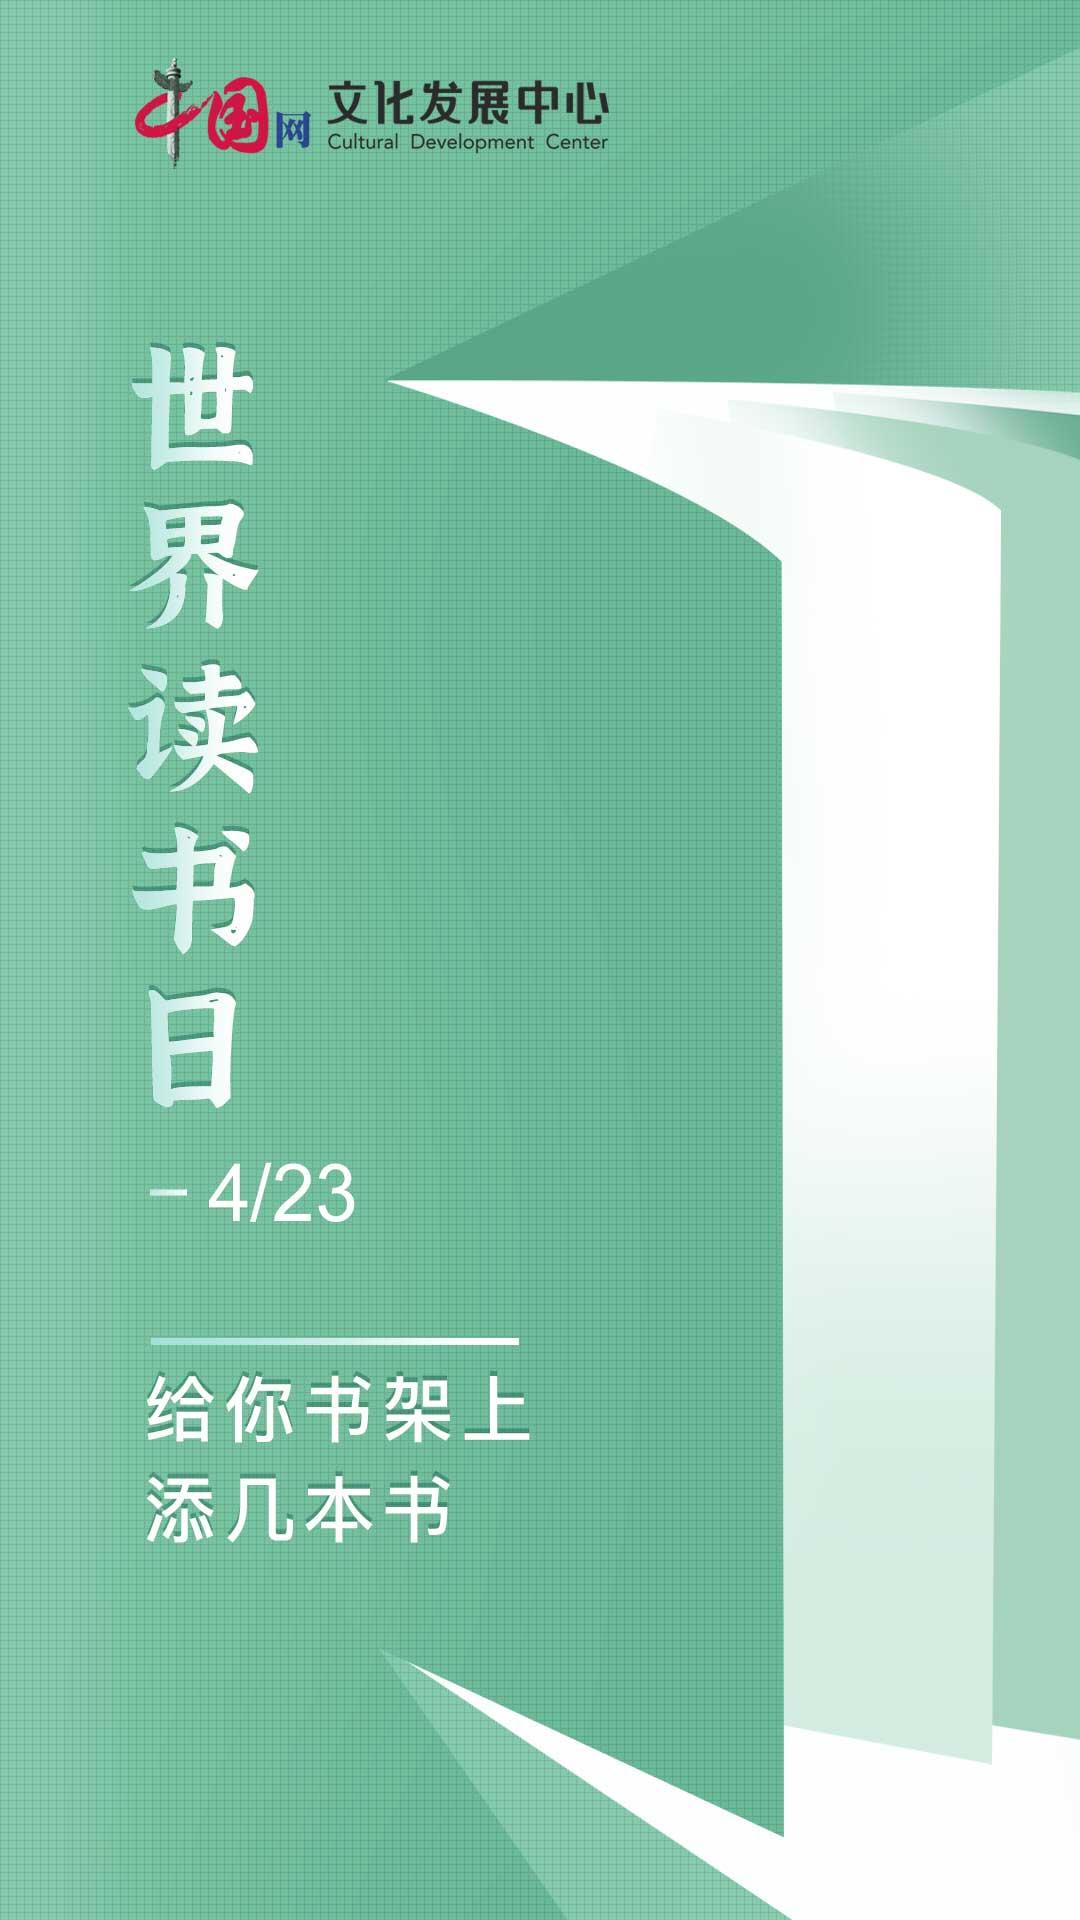 4.23世界读书日,给你的书架上添几本好书